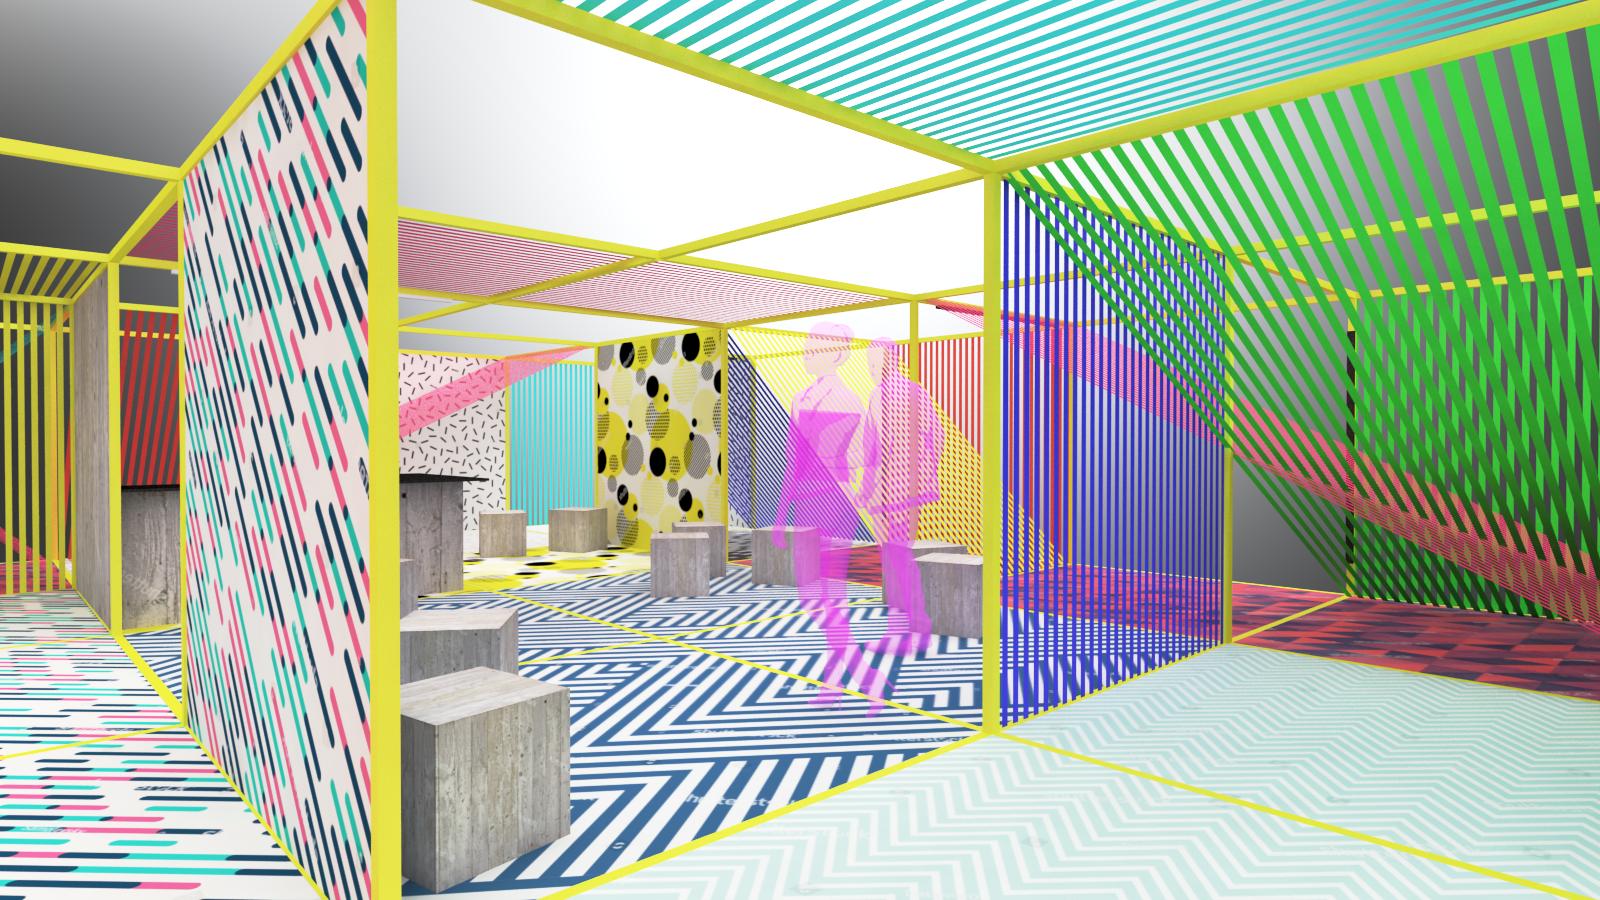 Maze_A_V1 02.png